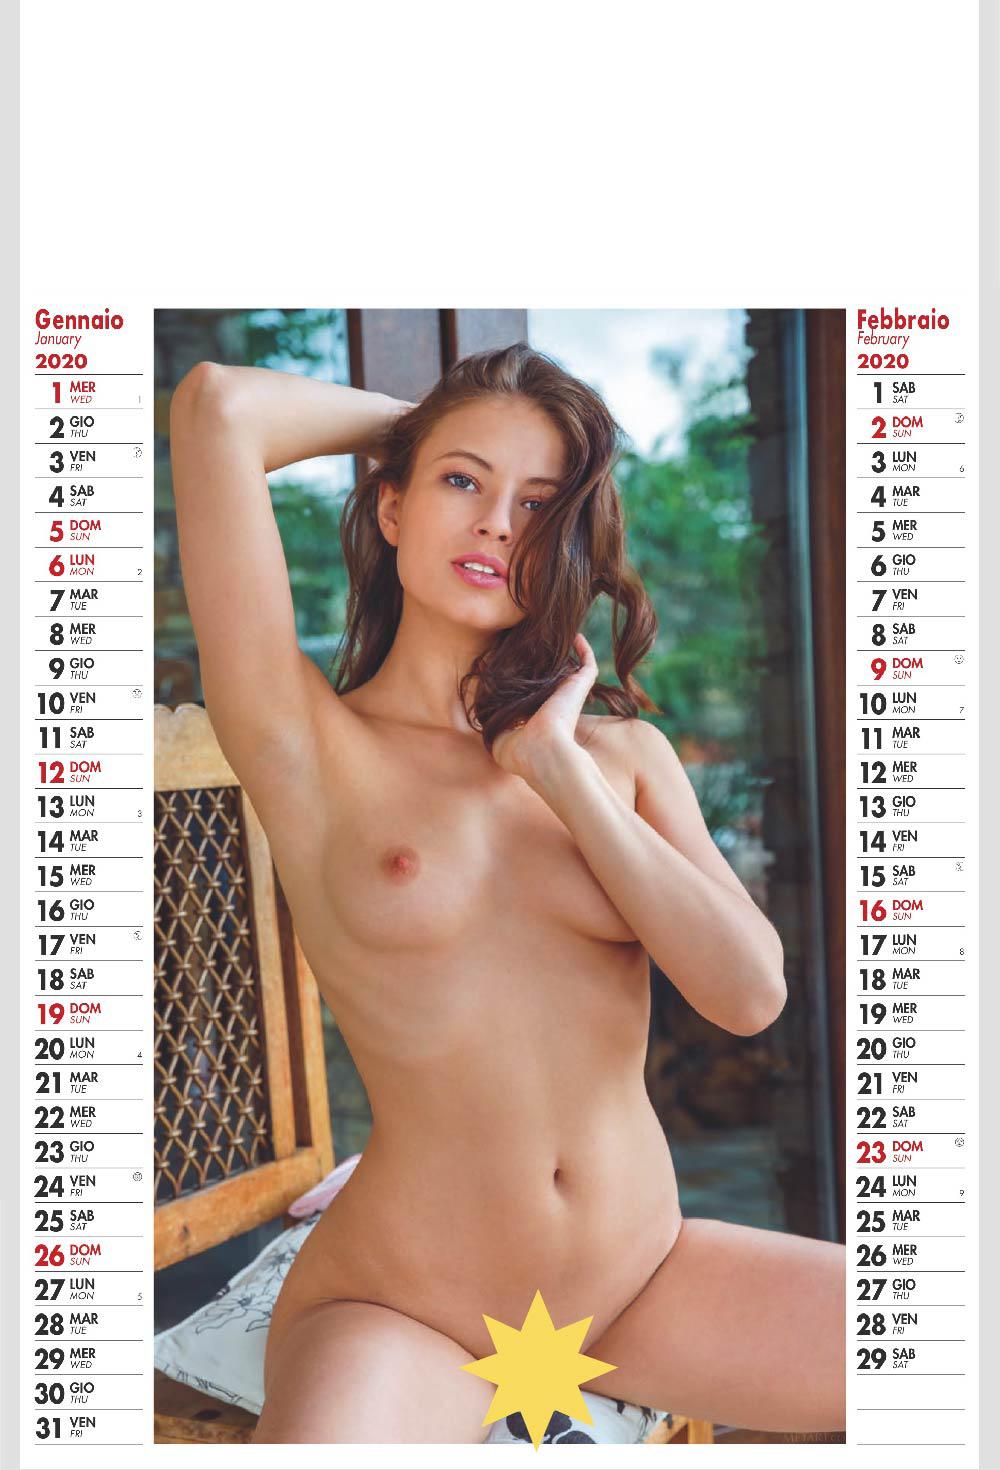 Calendario Sexy Donne Nude 2020